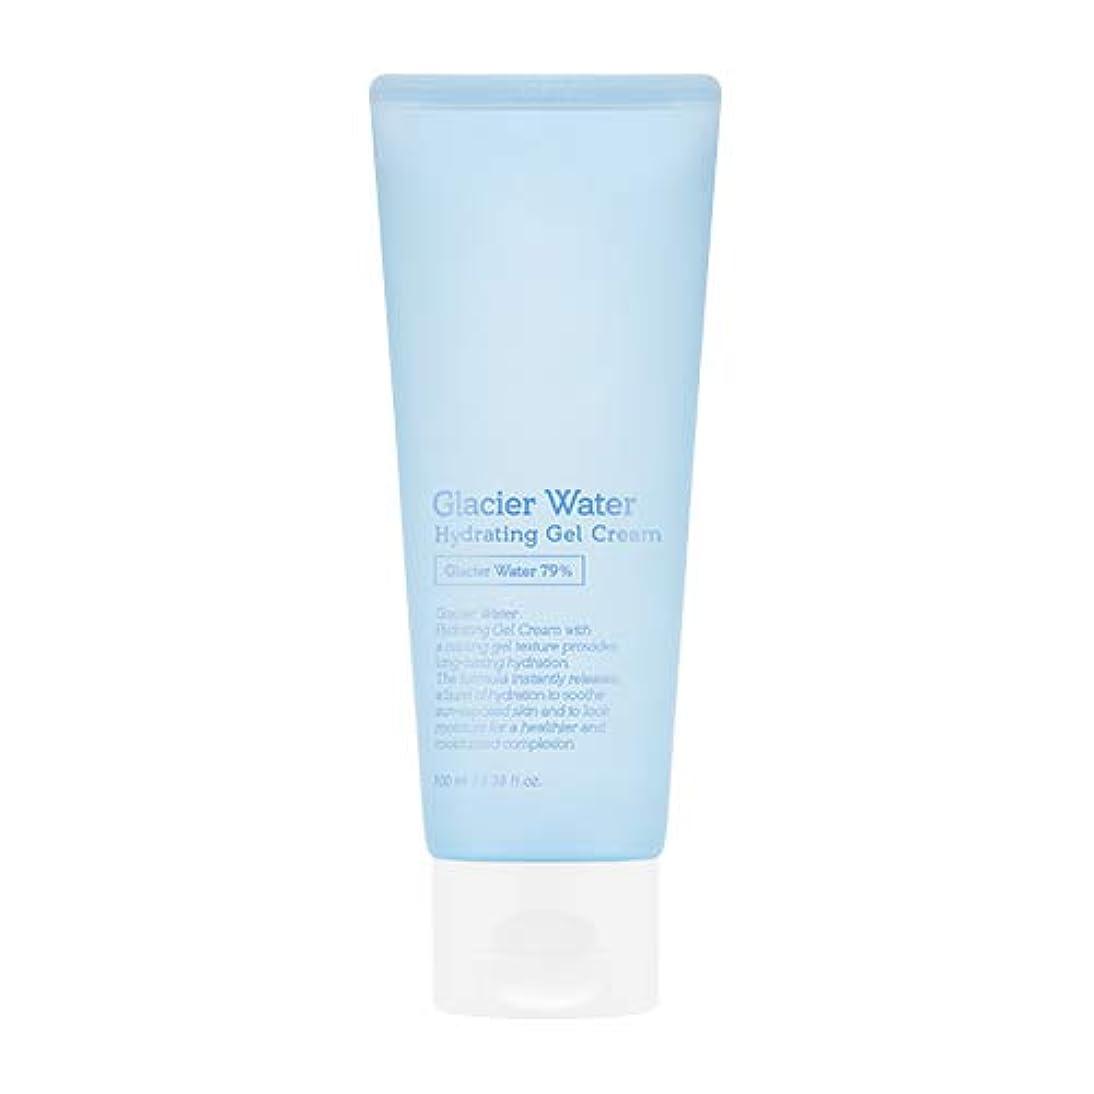 商人閉塞火曜日アピュ 氷河水 ハイドレーティングゲルクリーム [大容量] / A'PIEU Glacier Water Hydrating Gel Cream 100ml [並行輸入品]